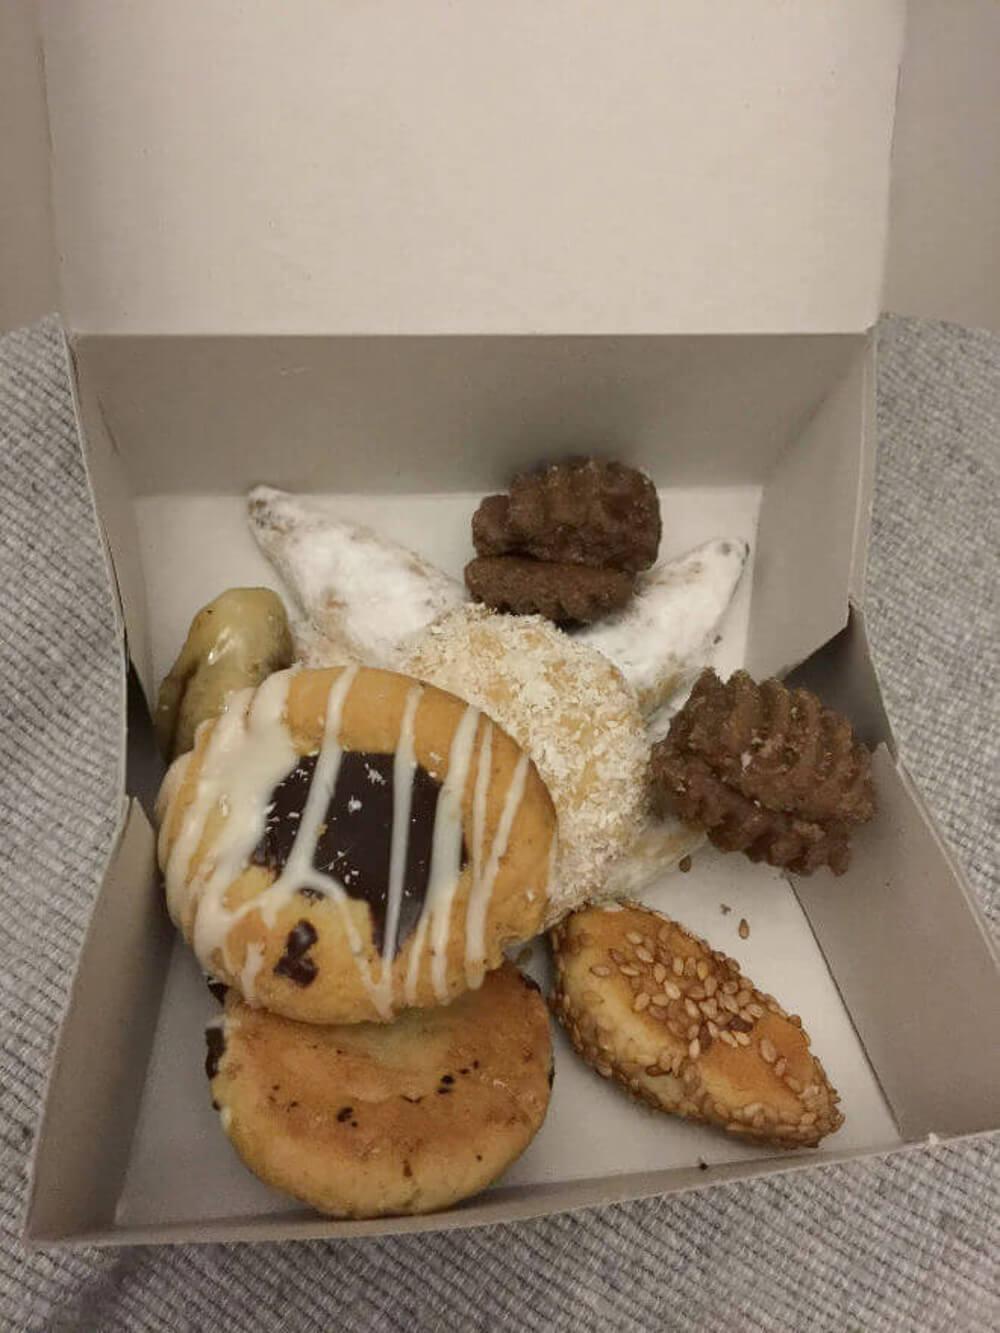 Fekkas - marokkanische Kekse